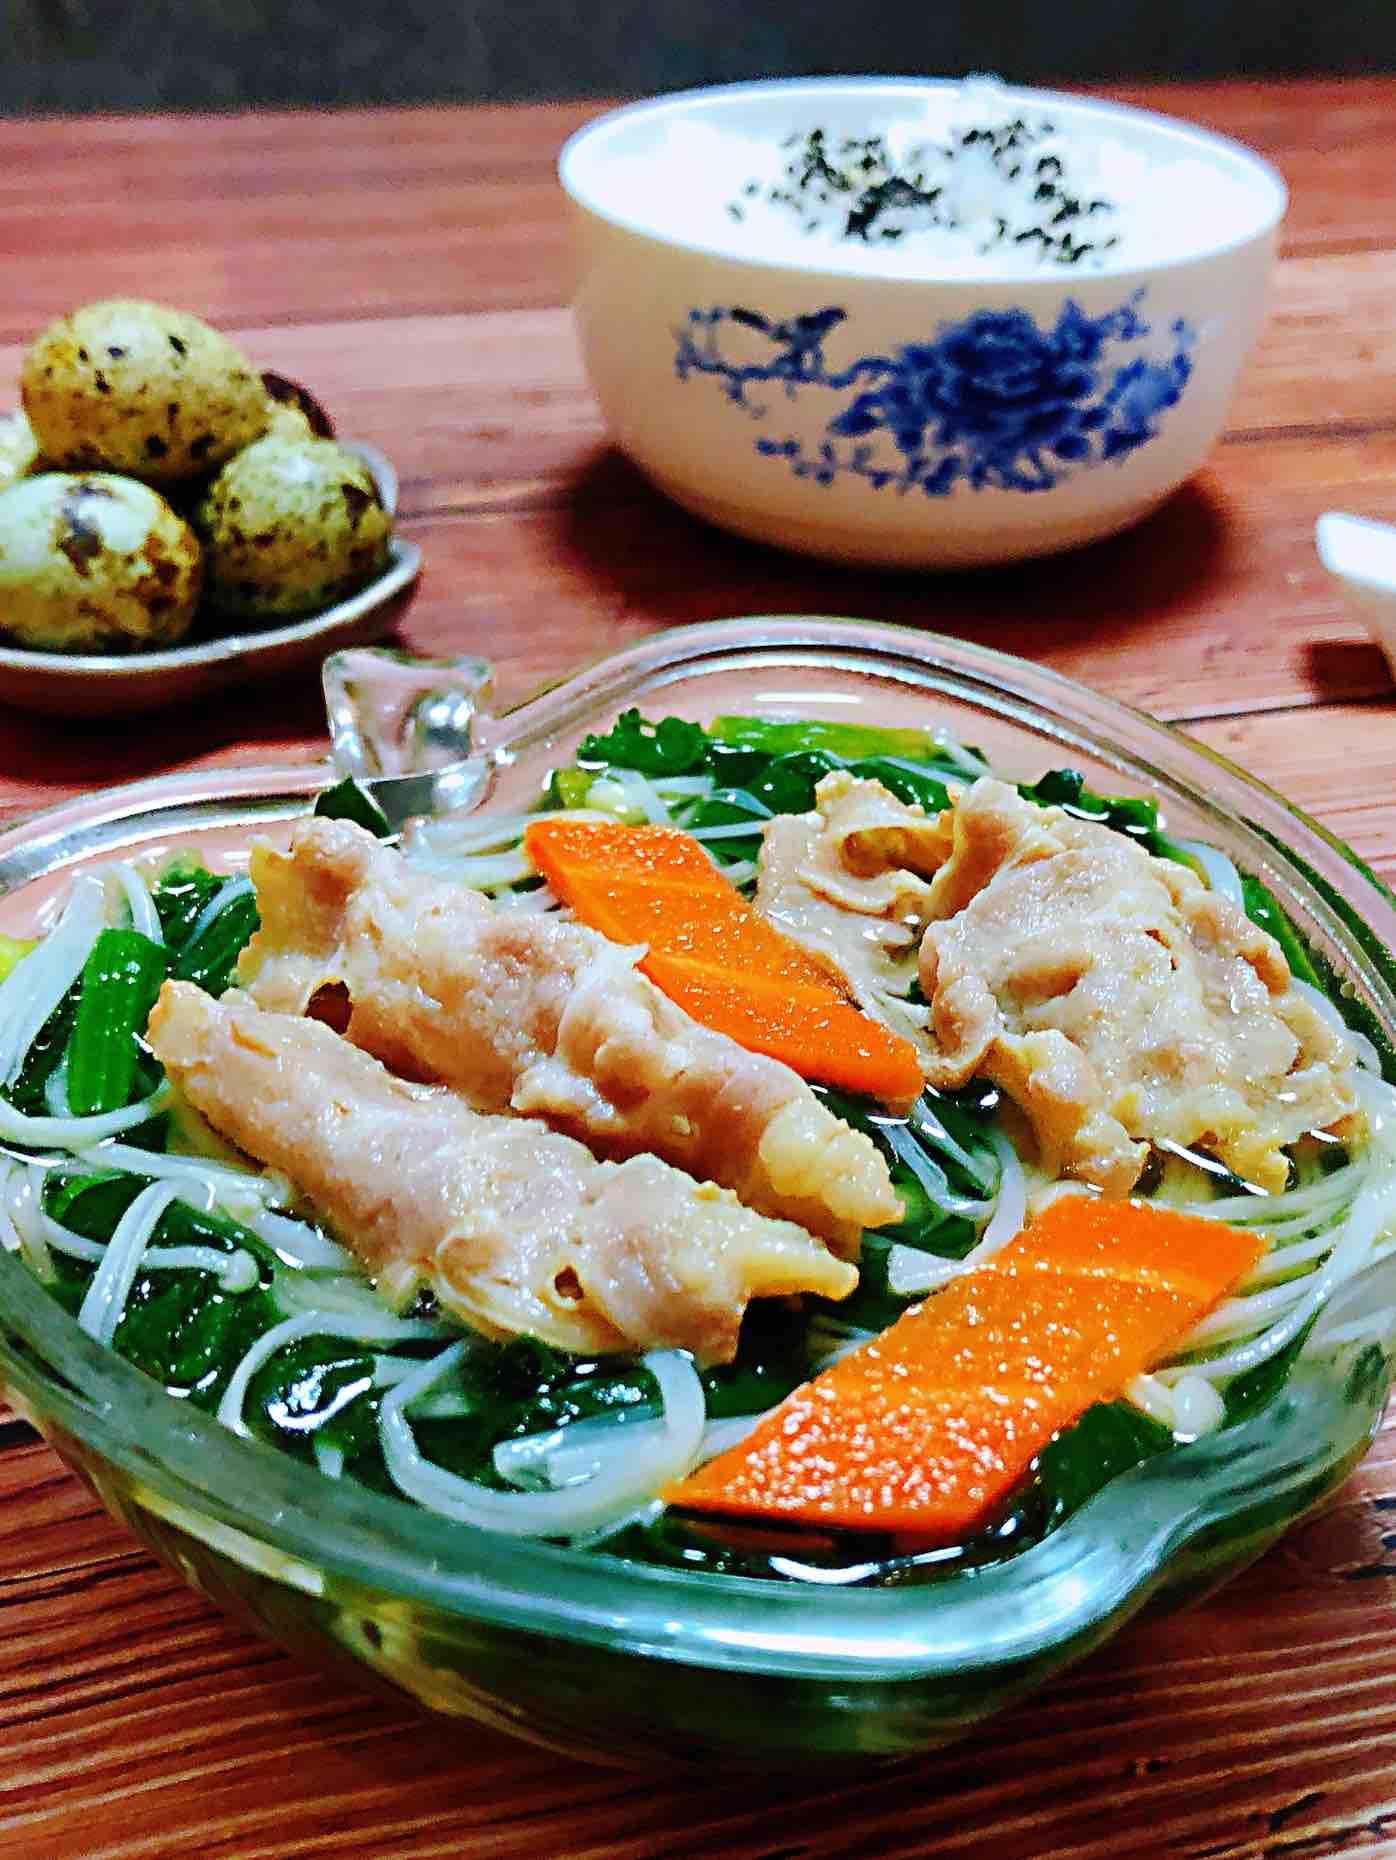 菠菜肥牛金针菇汤